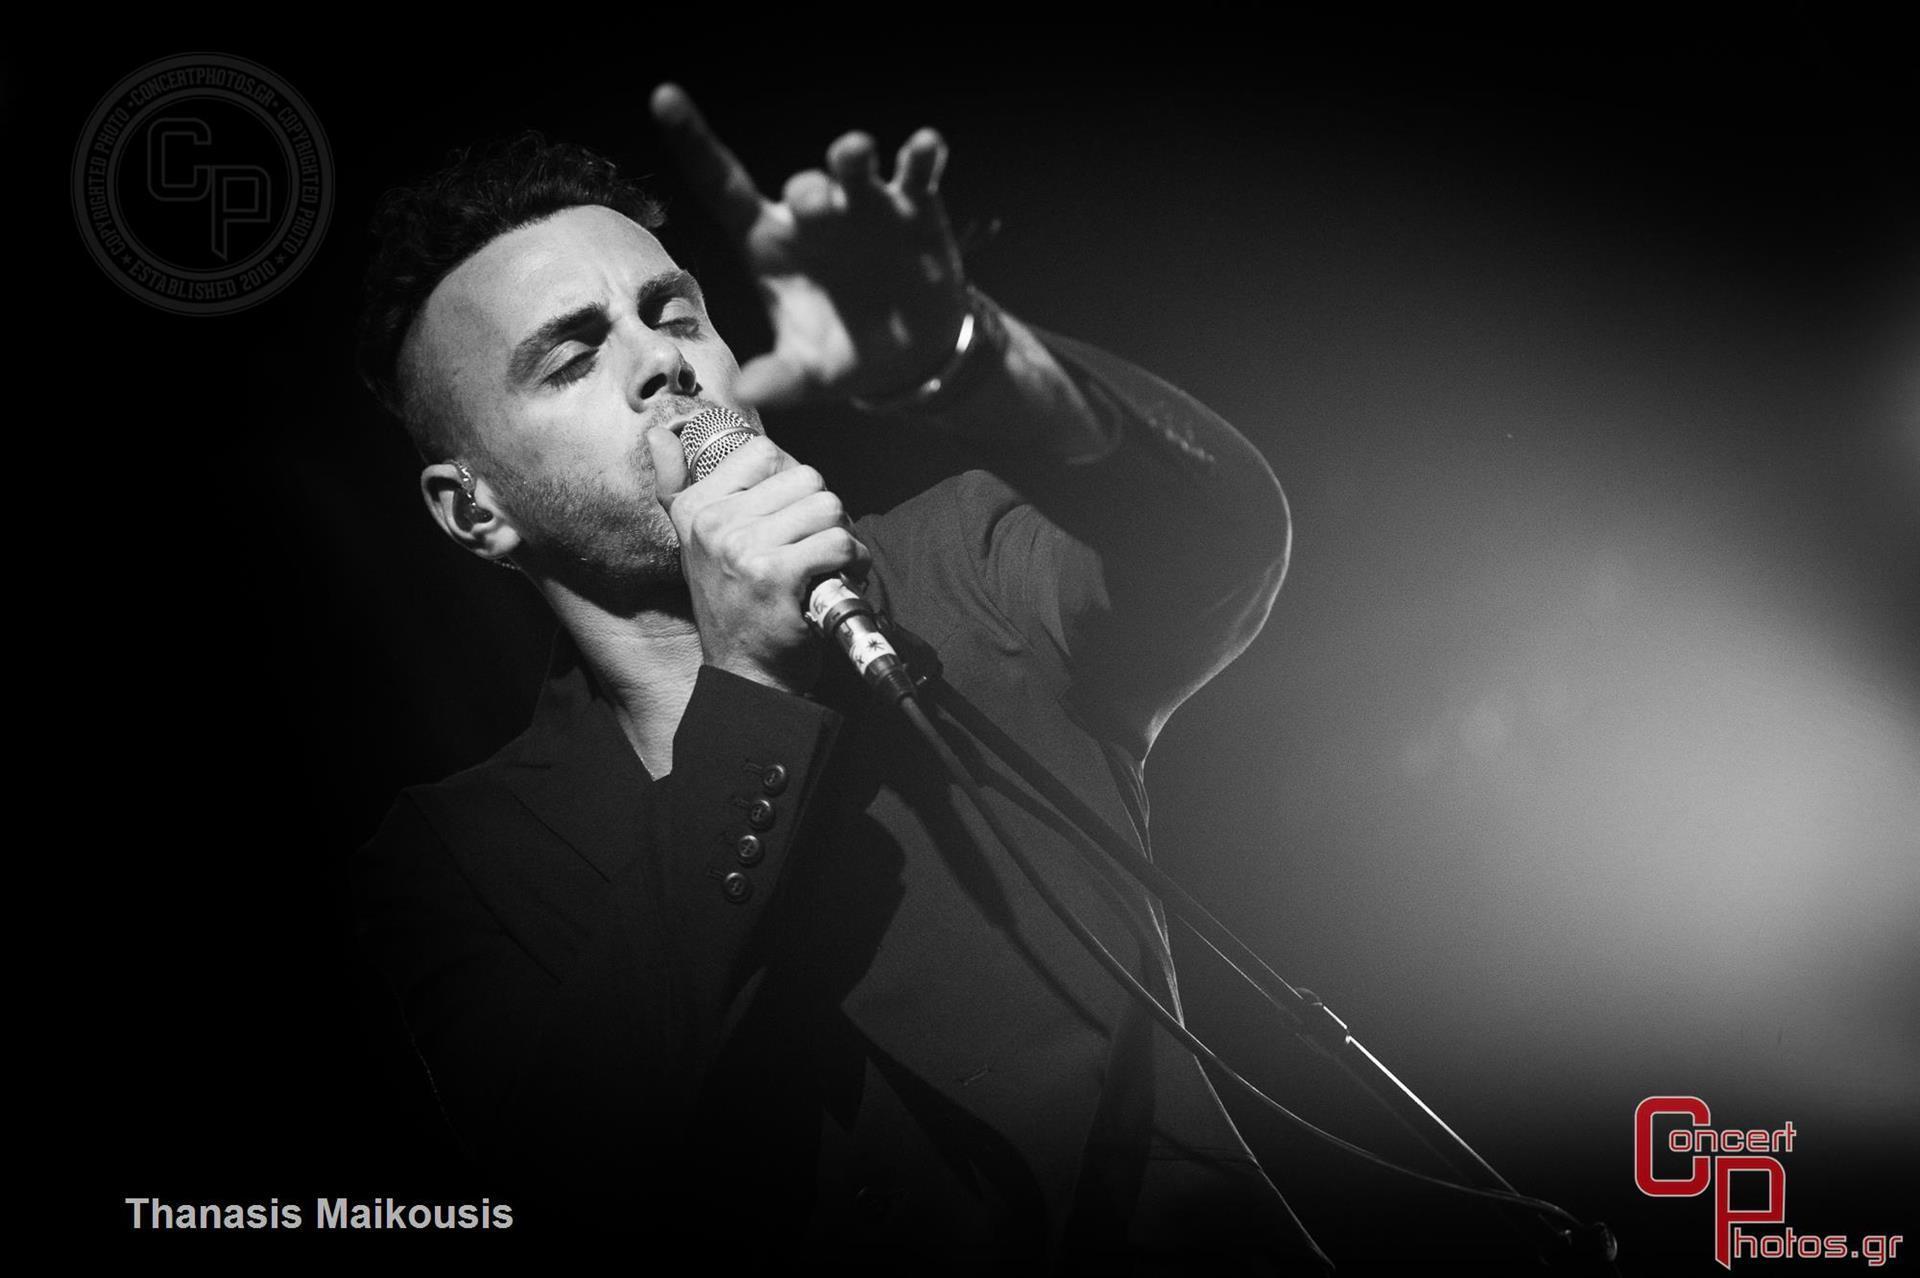 Asaf Avidan-Asaf Avidan photographer: Thanasis Maikousis - ConcertPhotos - 20150624_2101_12